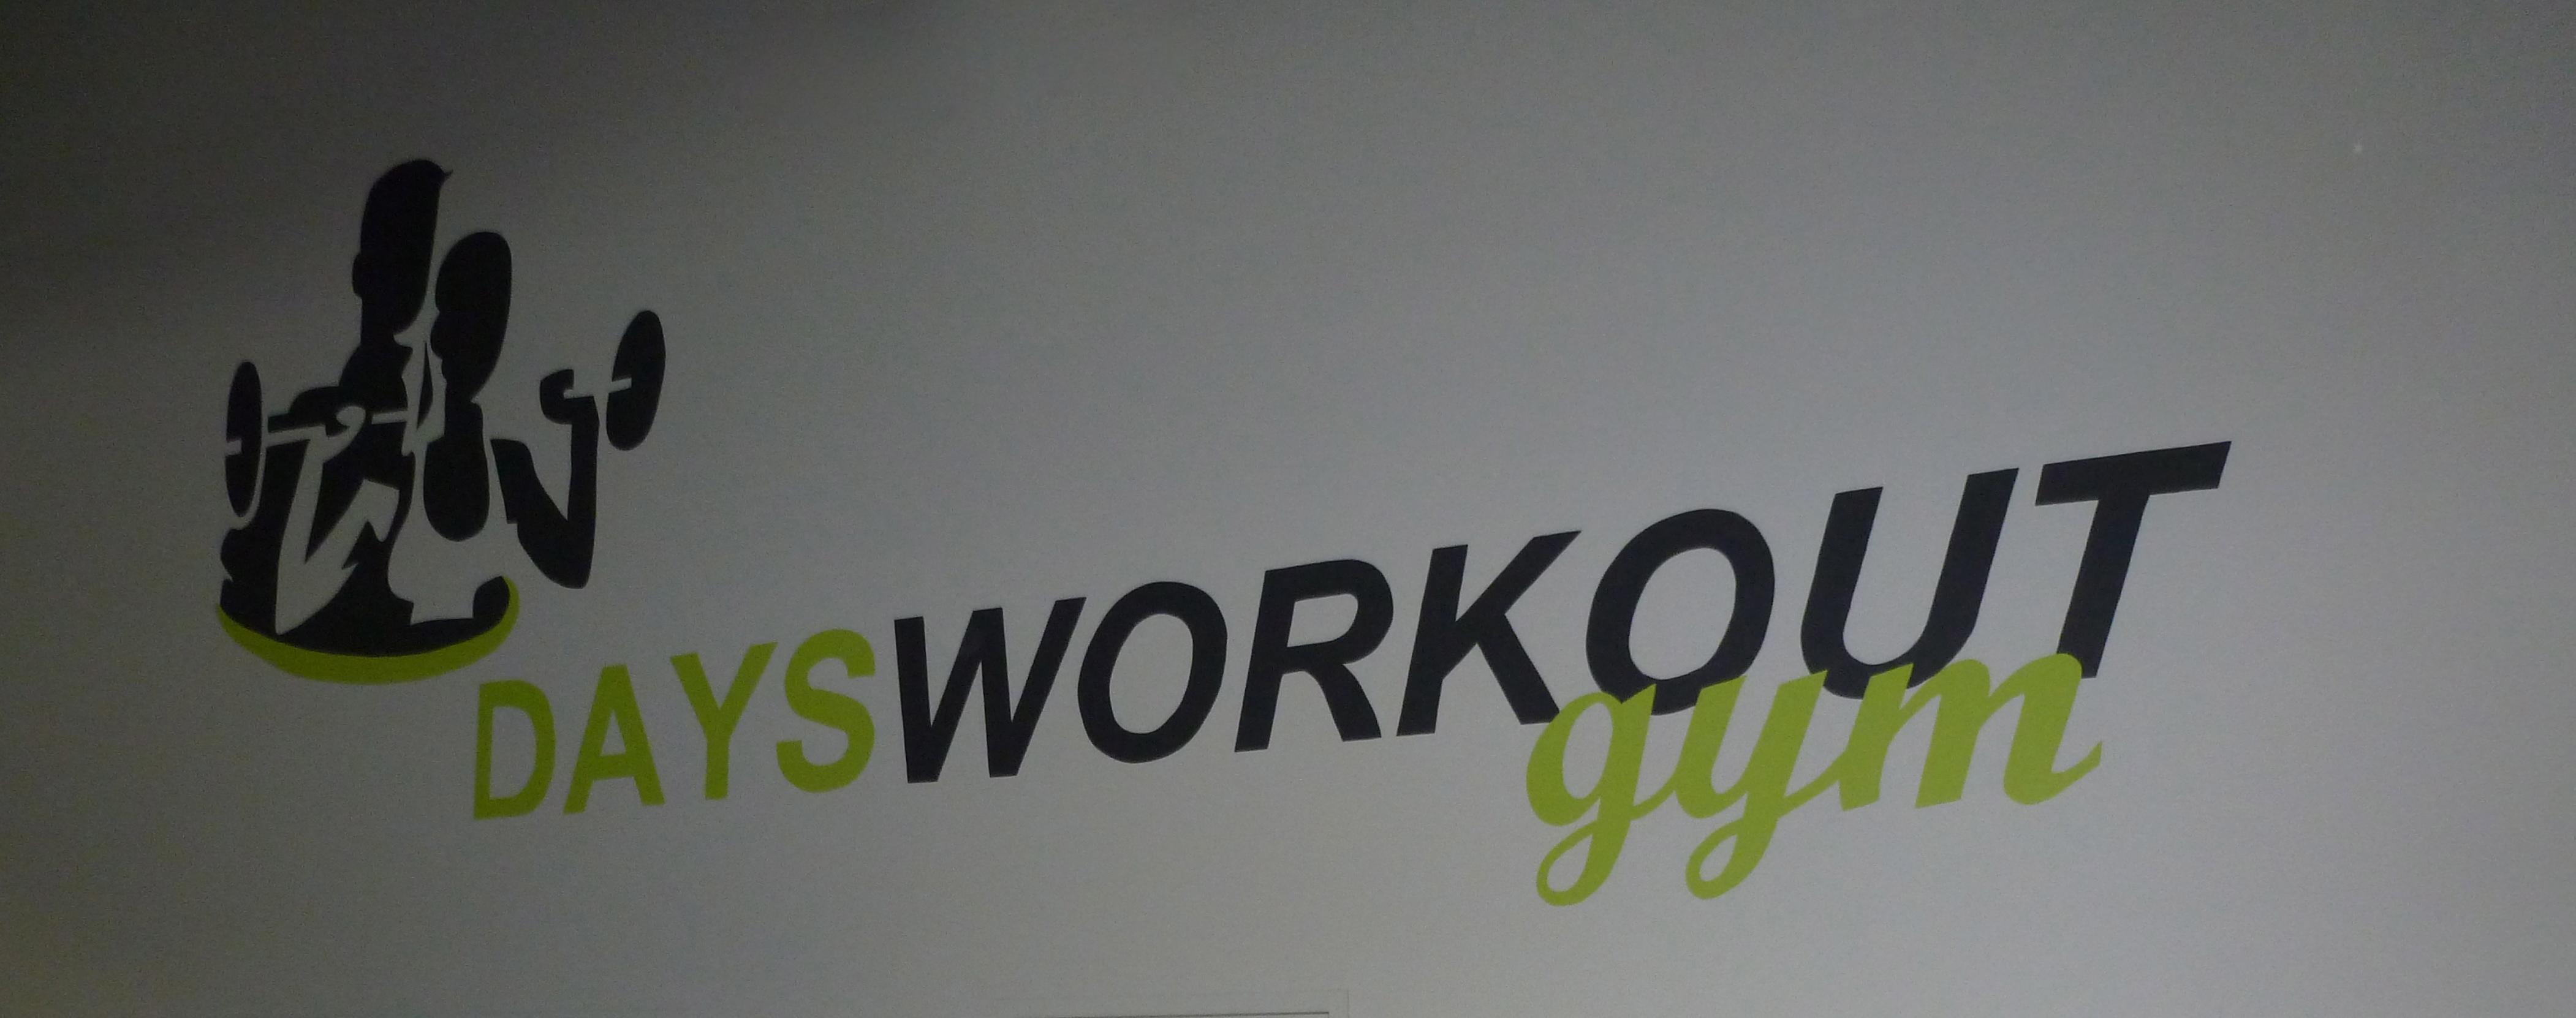 Days Workout Gym